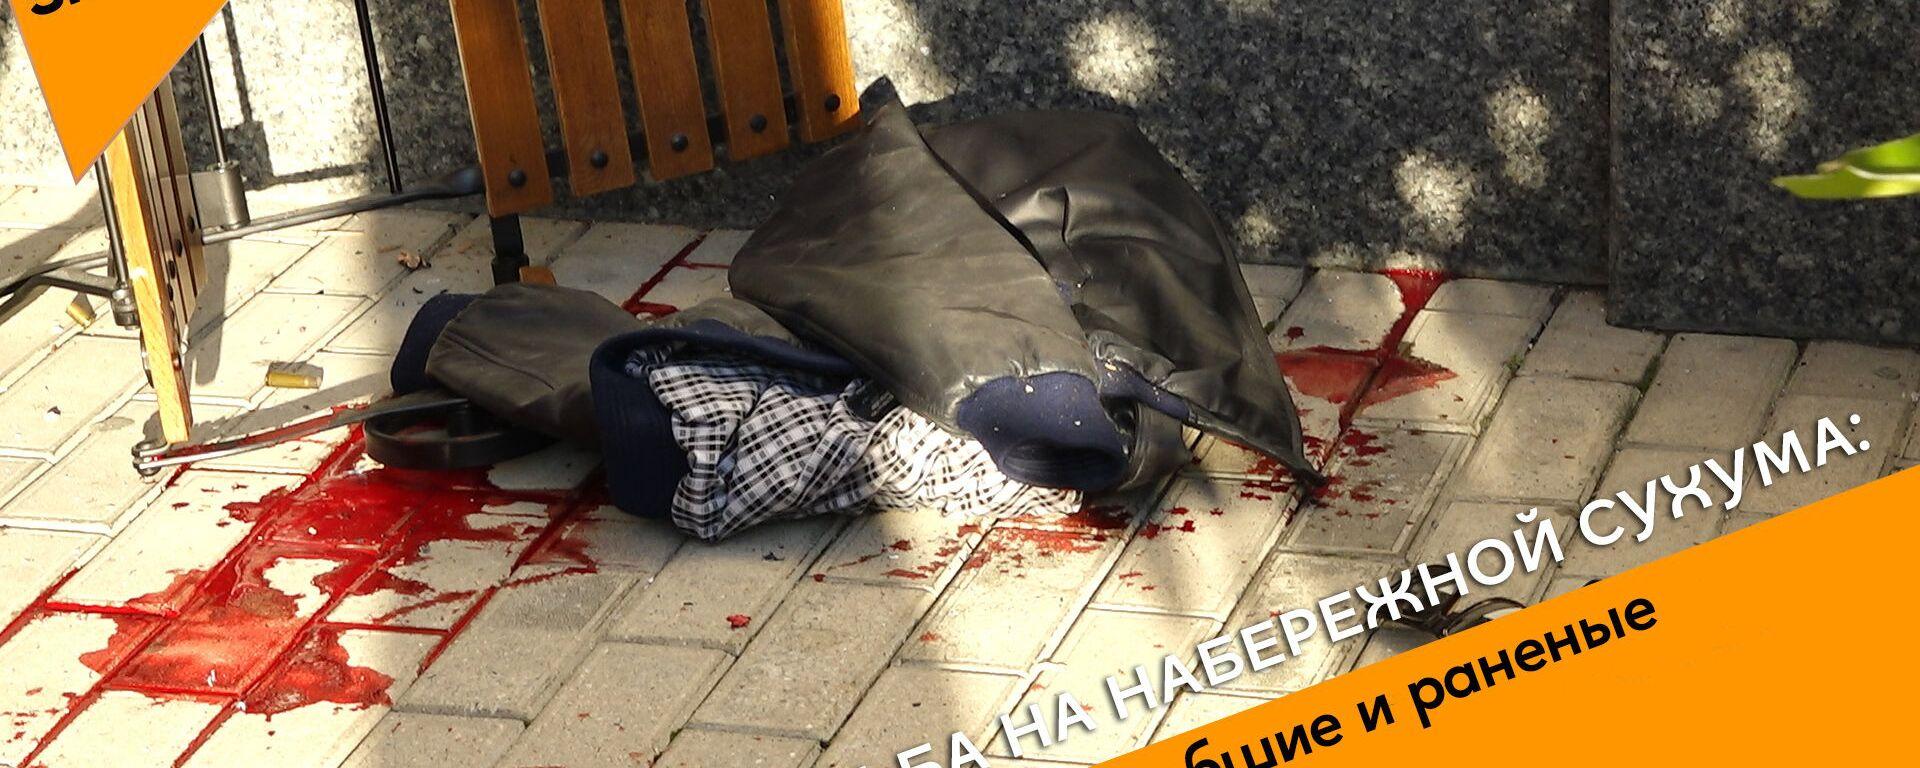 Стрельба на набережной Сухума: есть погибшие и раненые - Sputnik Абхазия, 1920, 22.11.2019